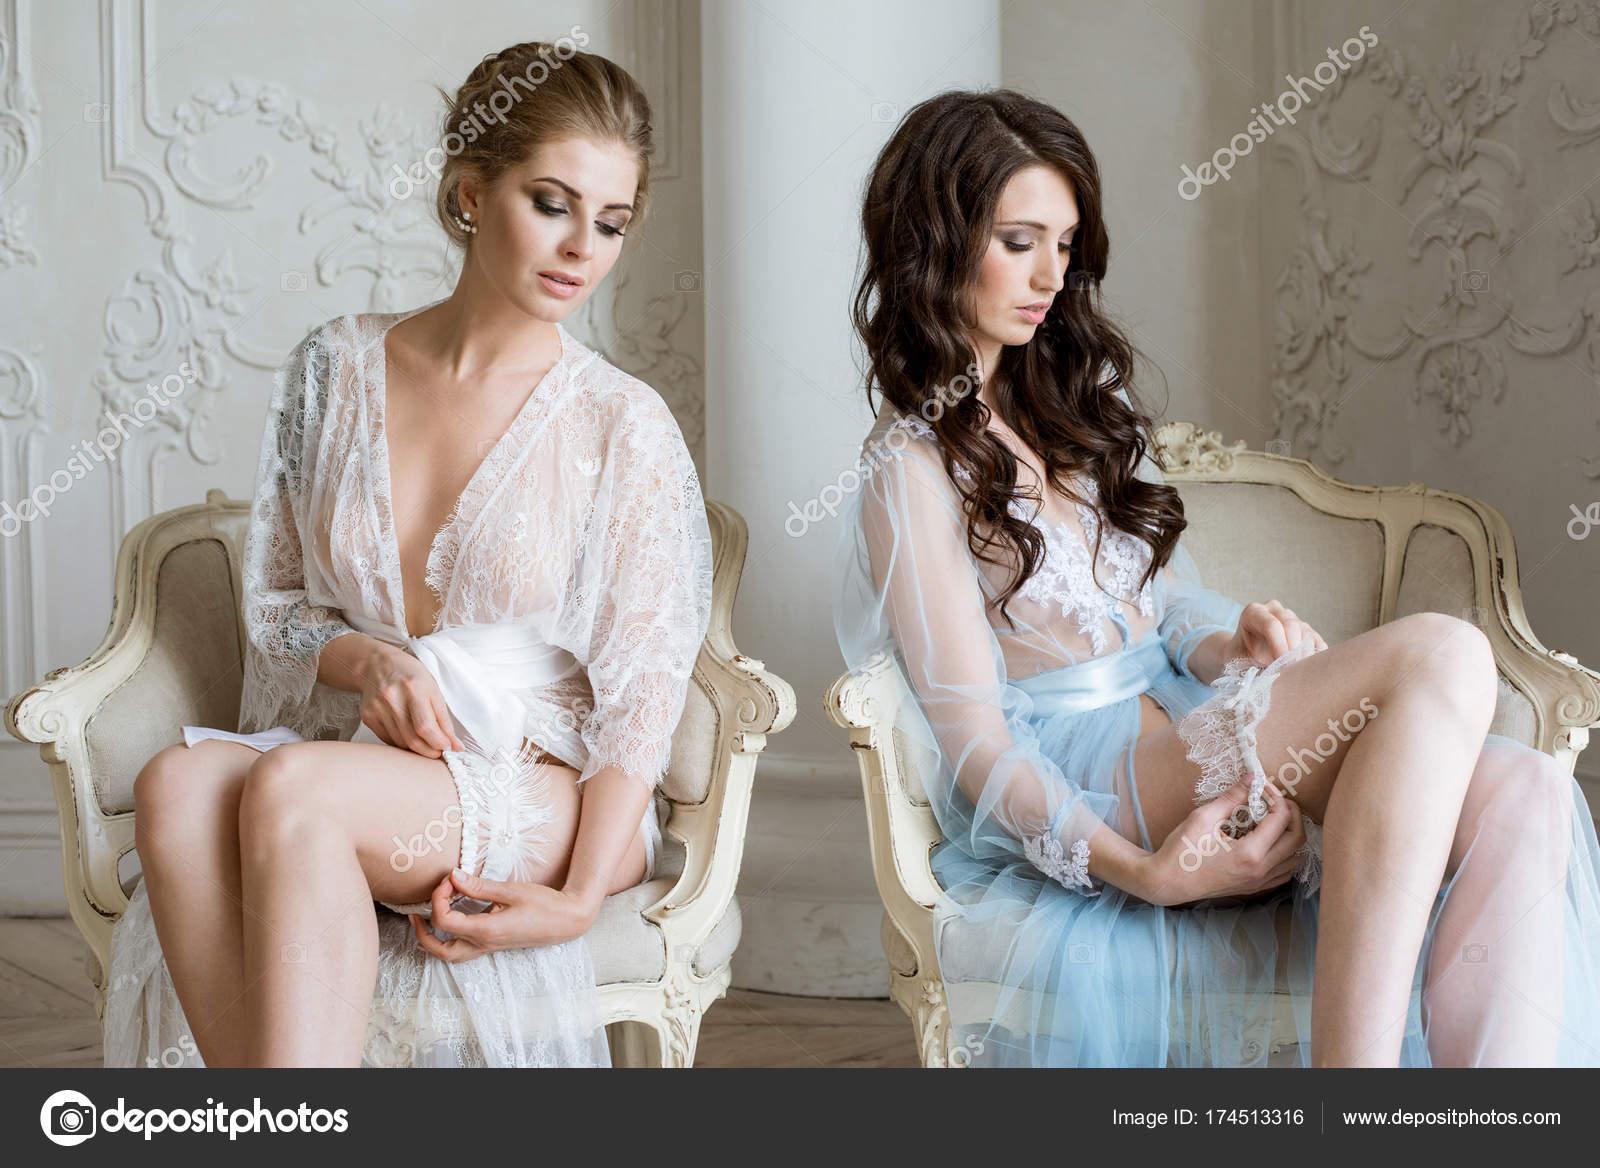 δωρεάν φωτογραφίες από γυμνές κυρίες